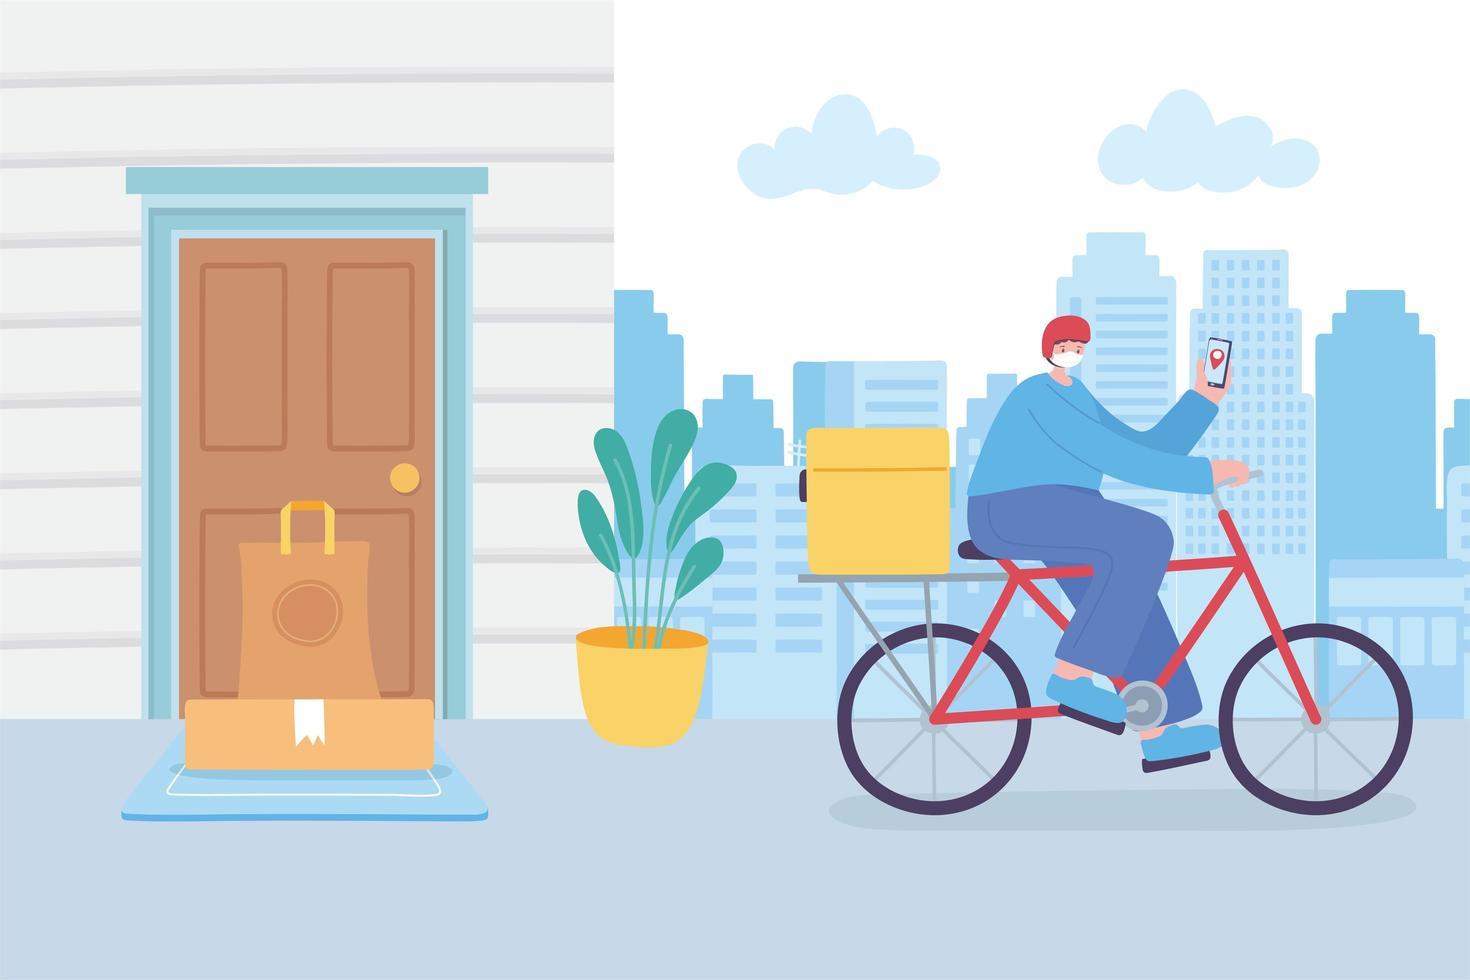 Online-Lieferservice mit Fahrradkurier vektor